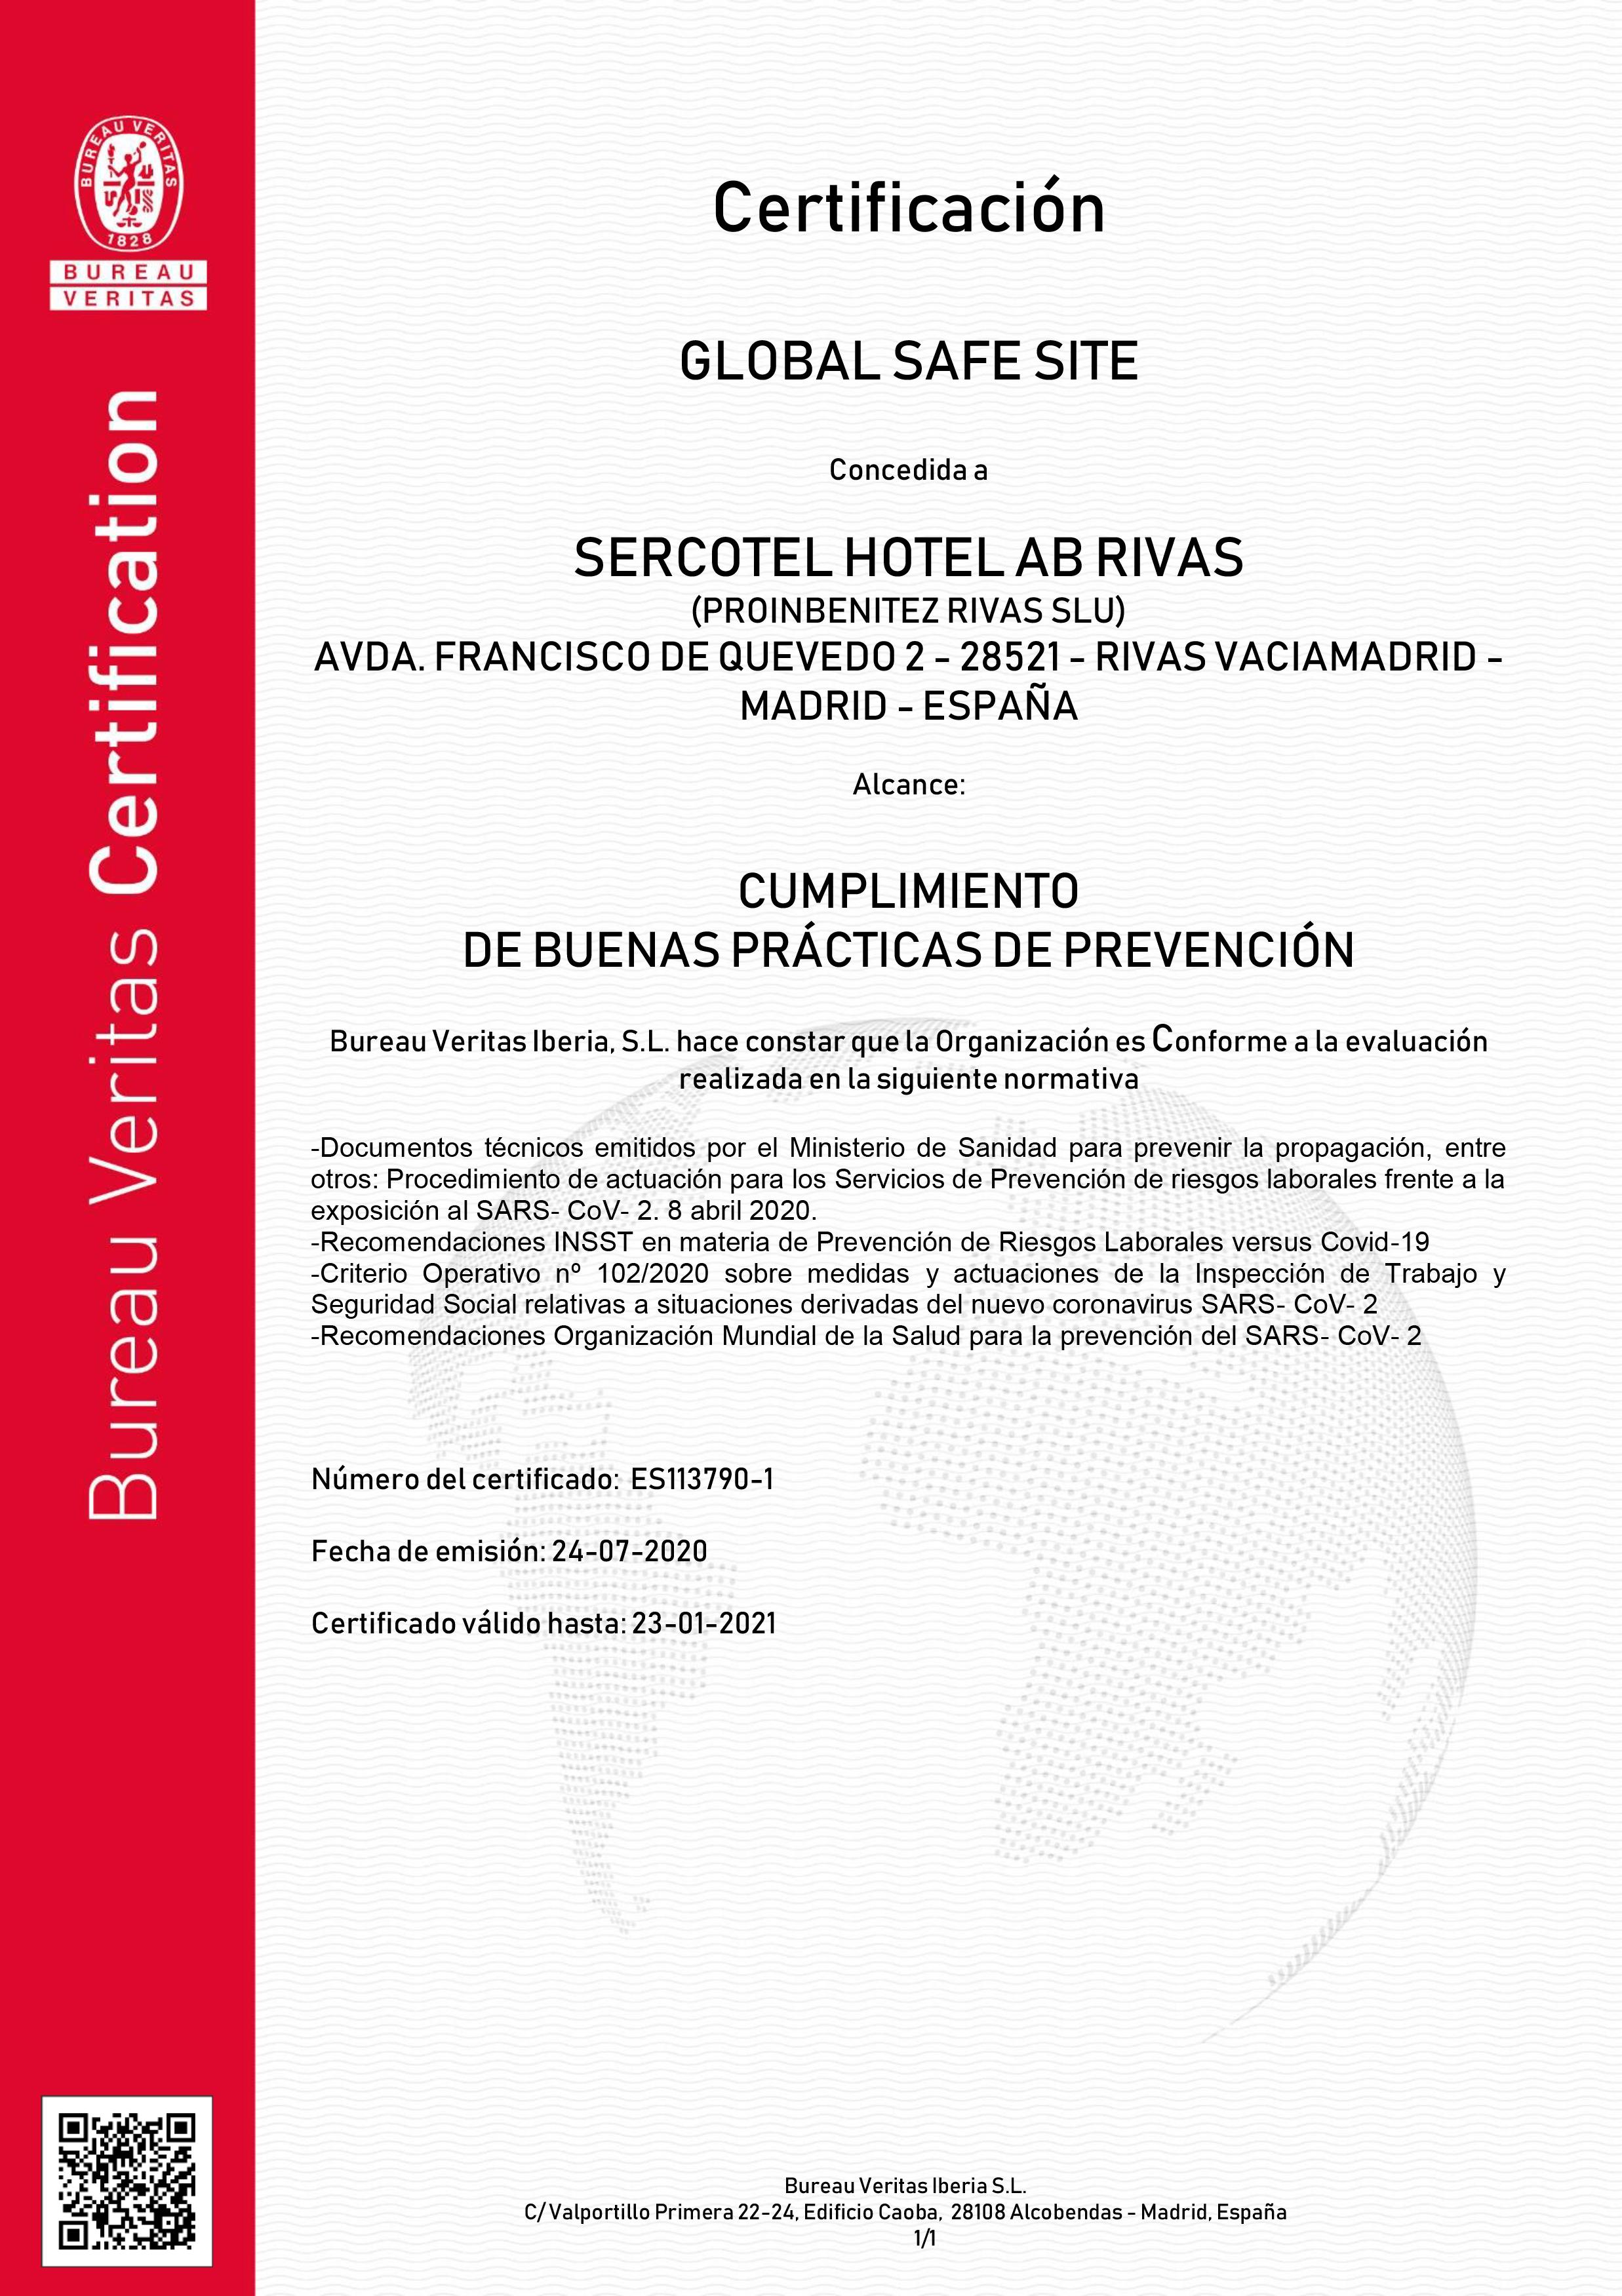 CERTIFICACIÓN BUREAU VERITAS SERCOTEL AB RIVAS - RESTAURANTE SOMALLAO RIVAS VACIAMADRID